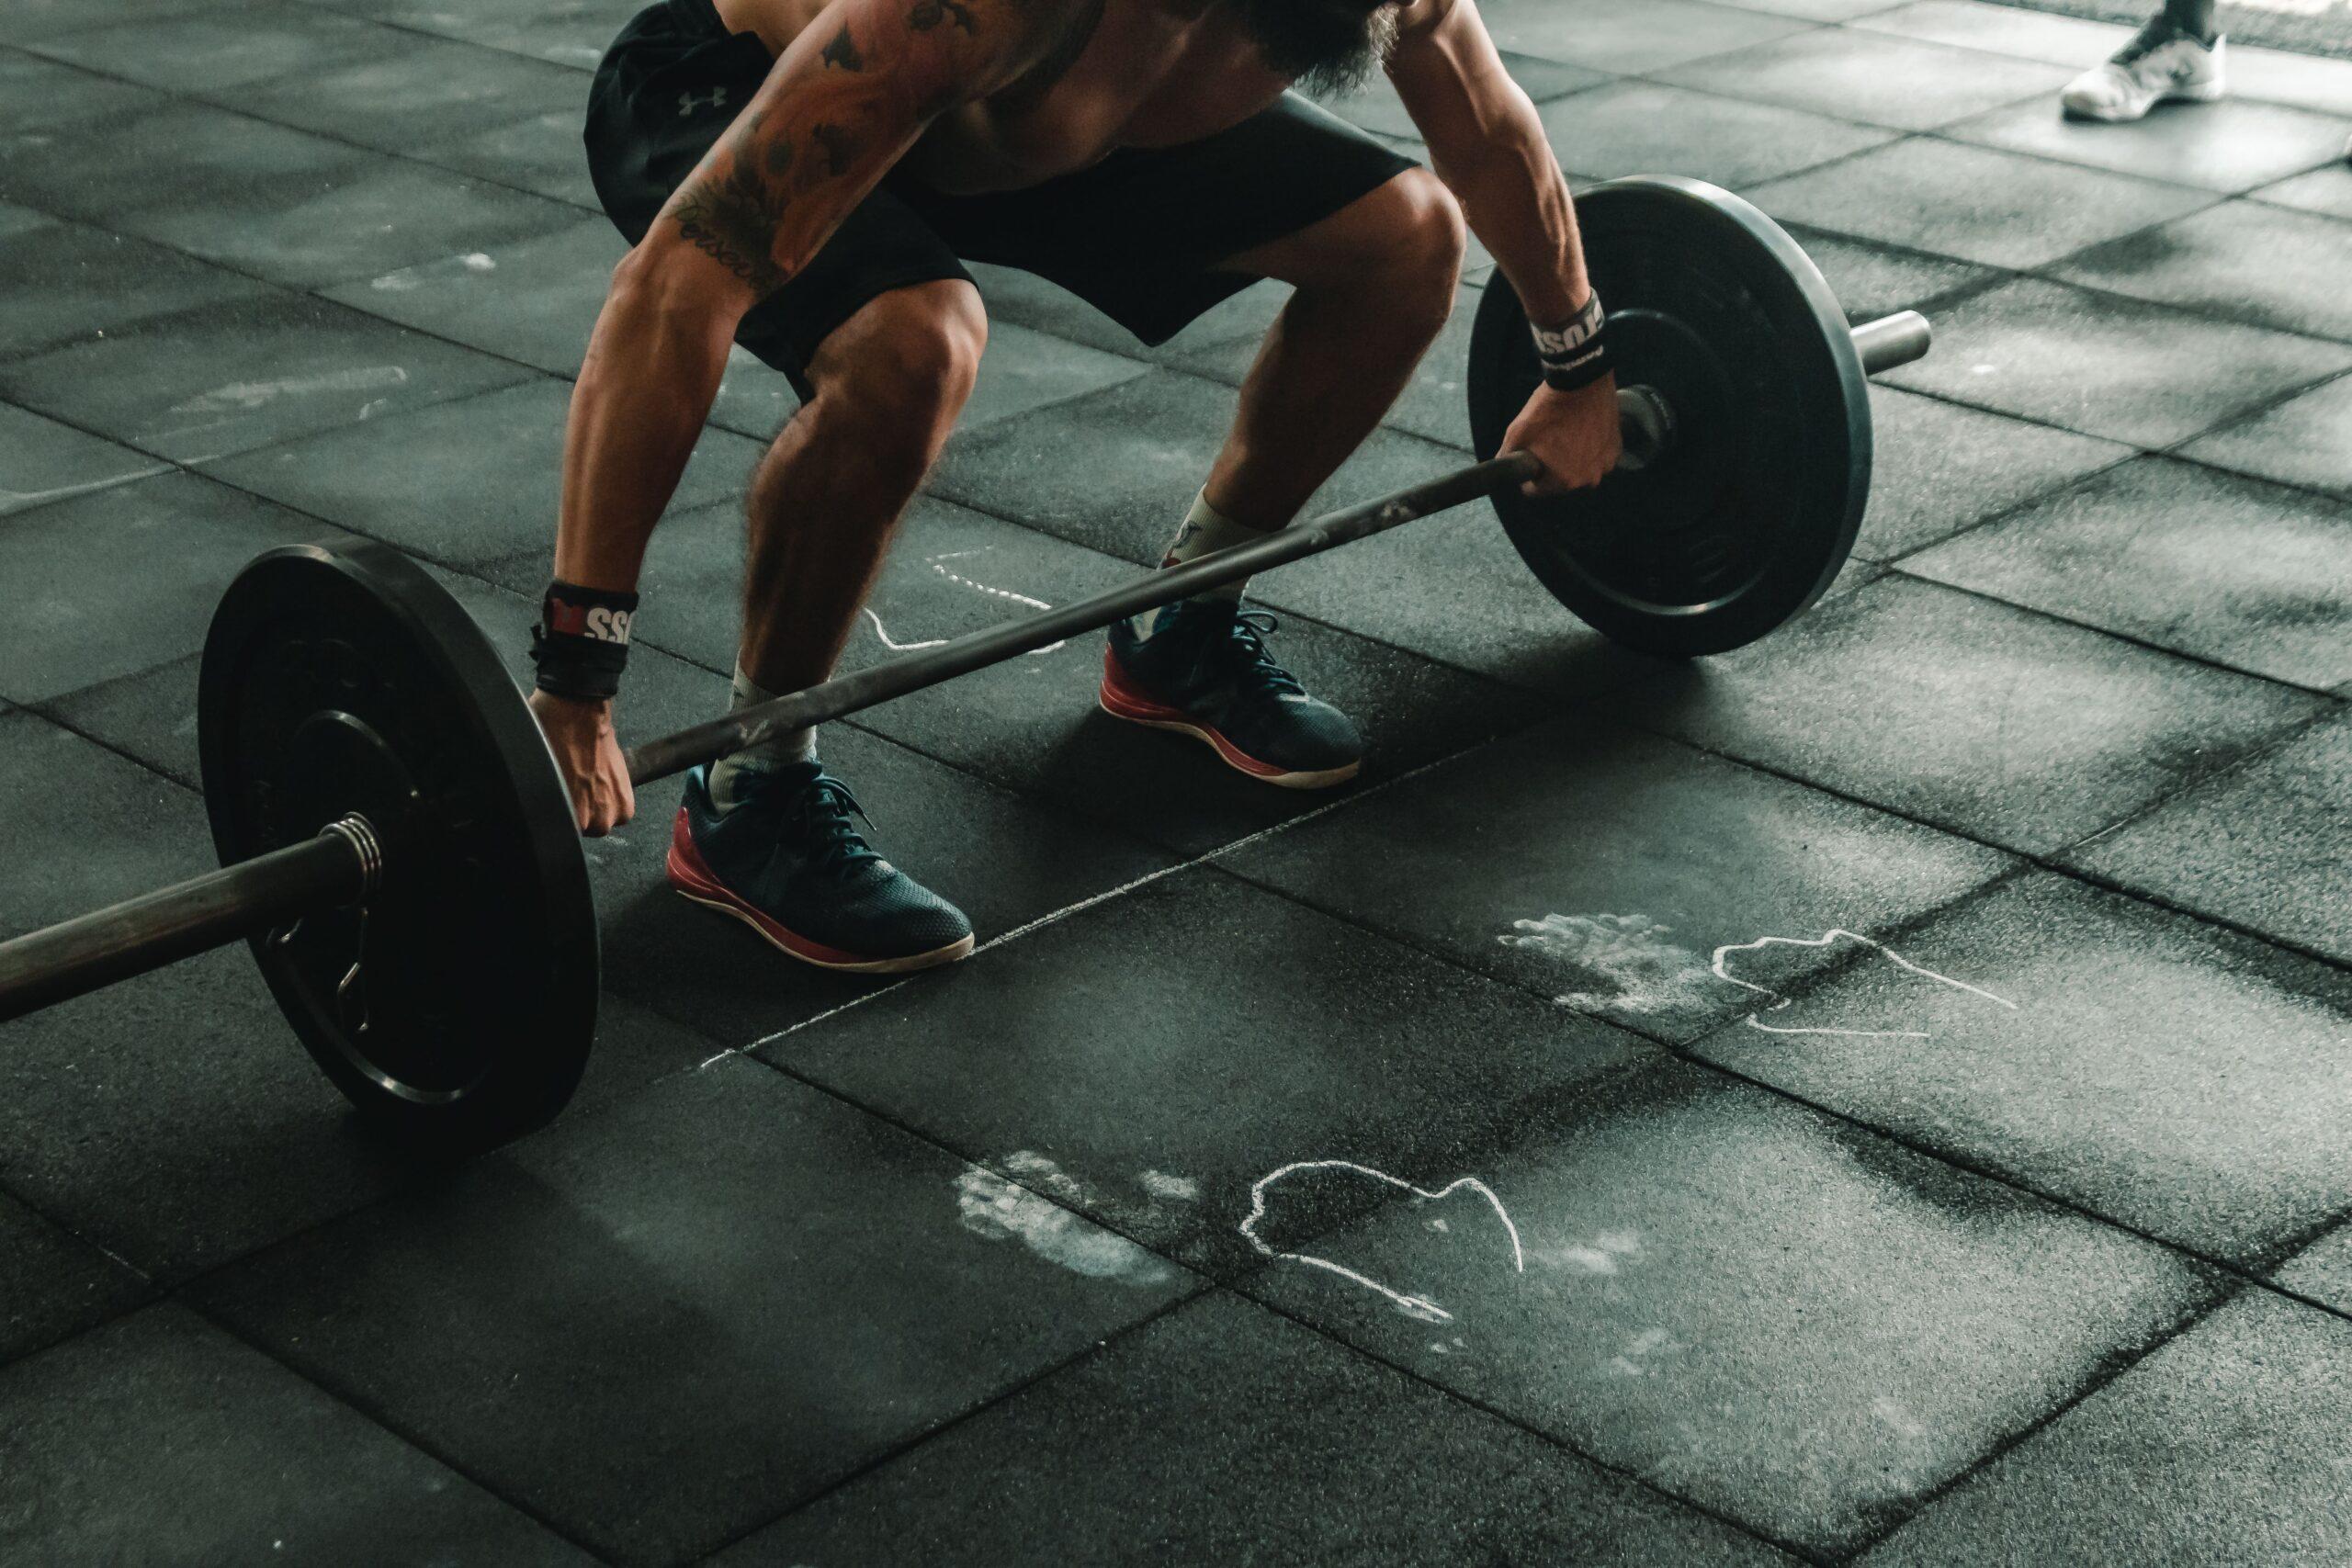 snel spieren opbouwen